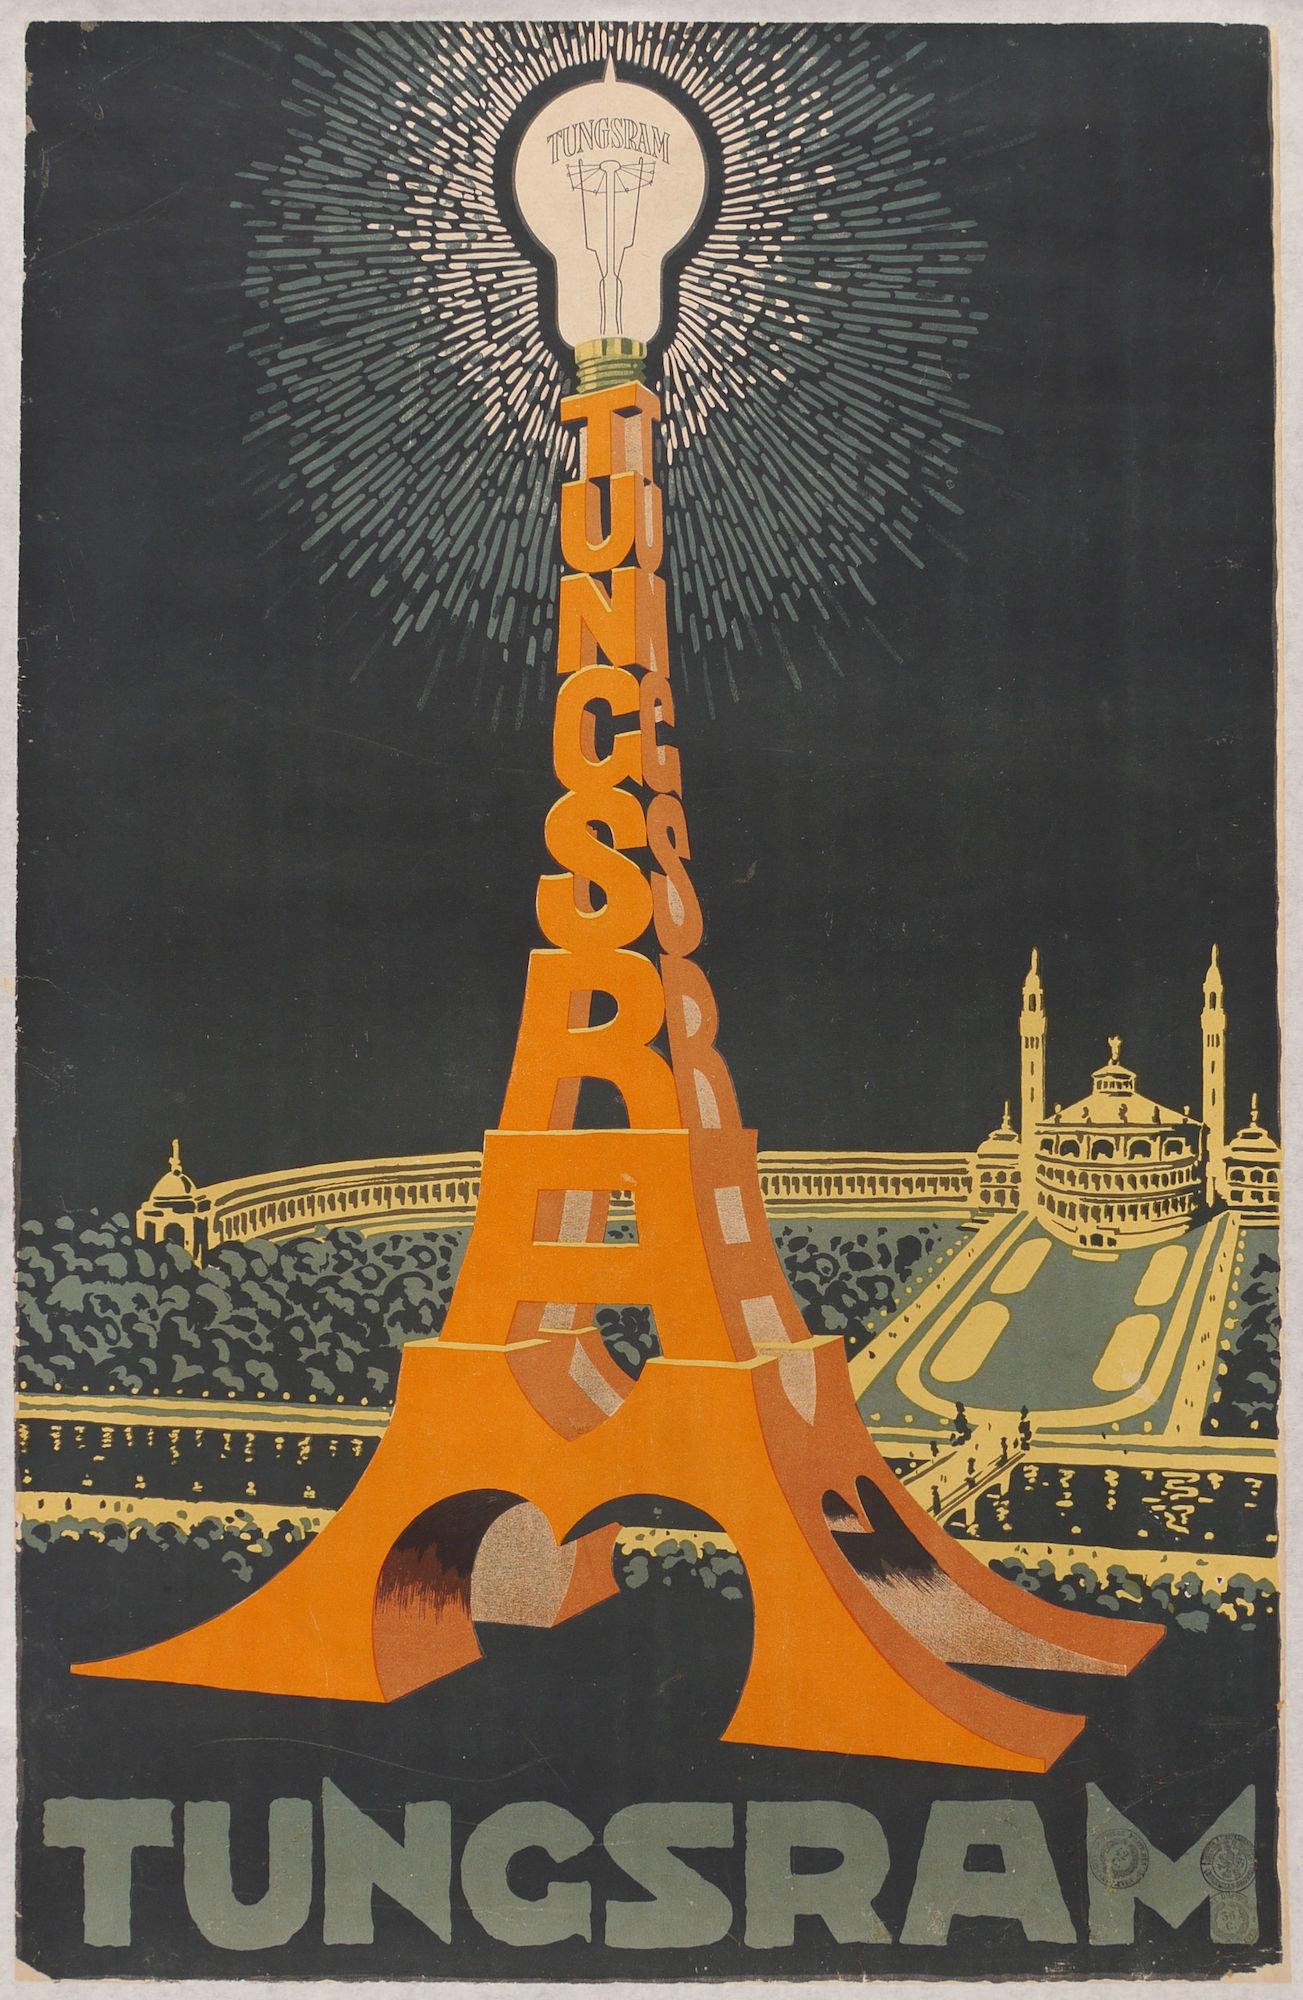 Affiche voor gloeilampen van het merk Tungsram